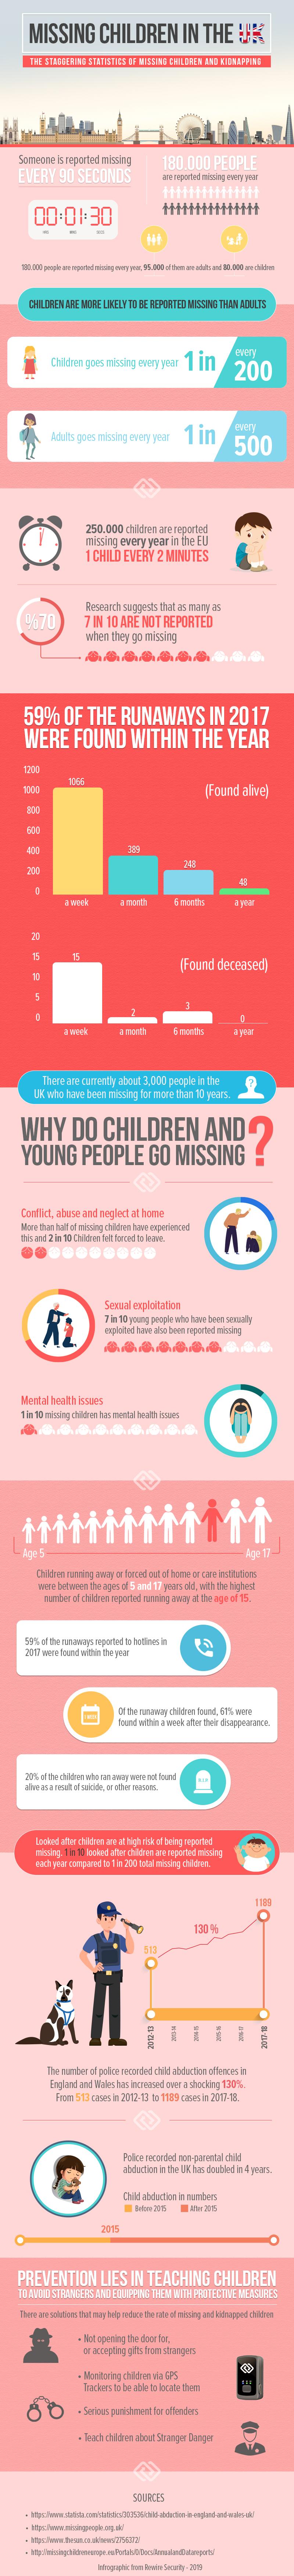 UK Missing Children Statistics - Rewire Security